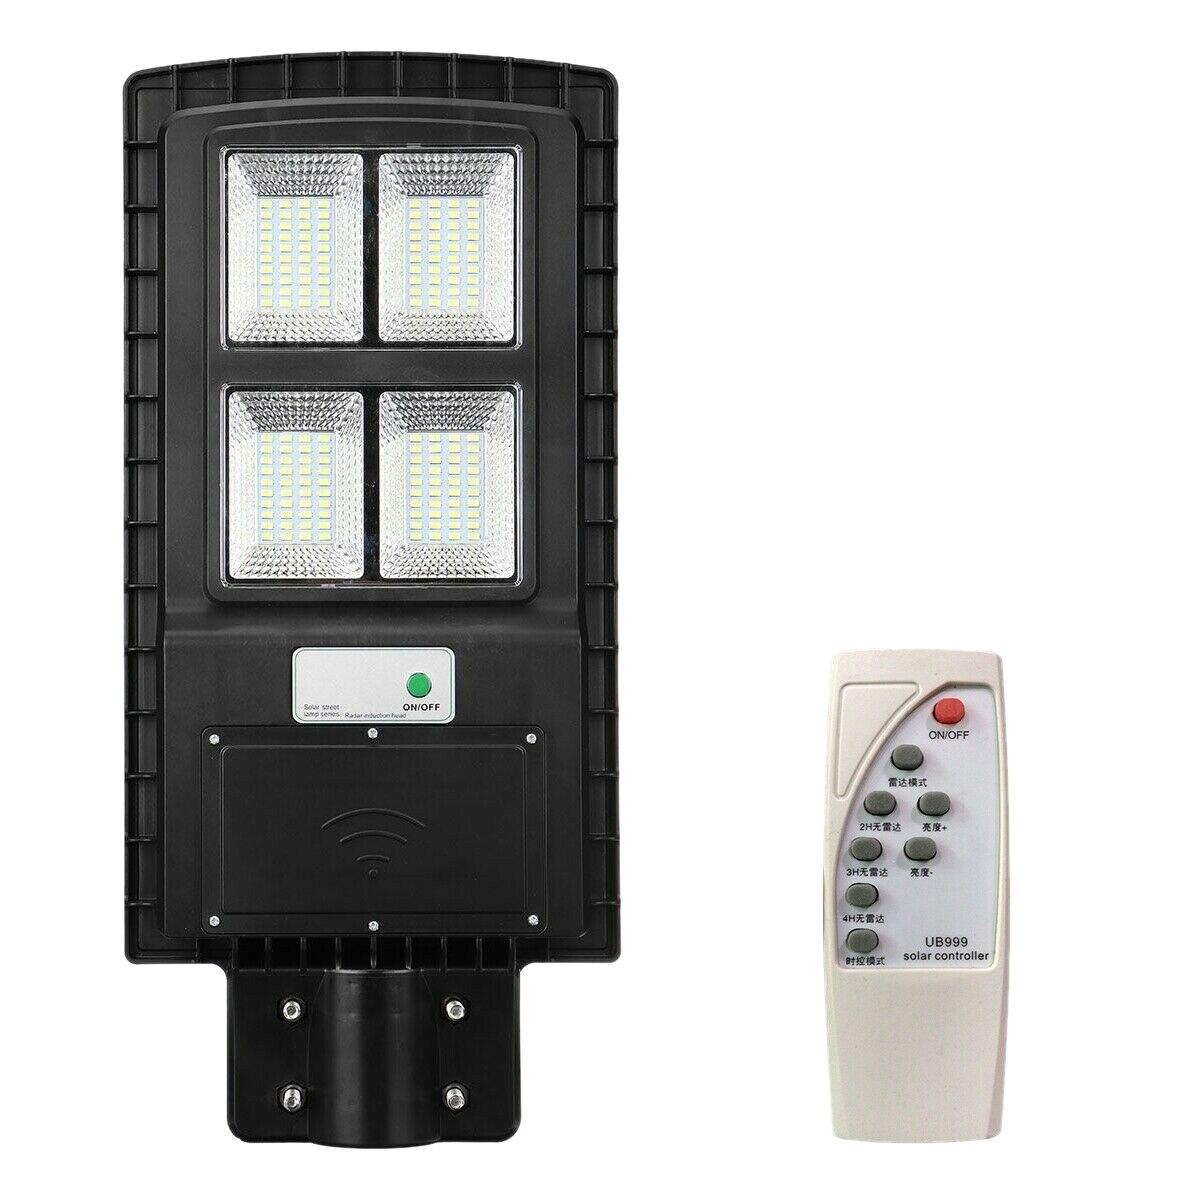 Модный уличный светильник на солнечной батарее с датчиком движения, наружный настенный светильник + пульт дистанционного управления